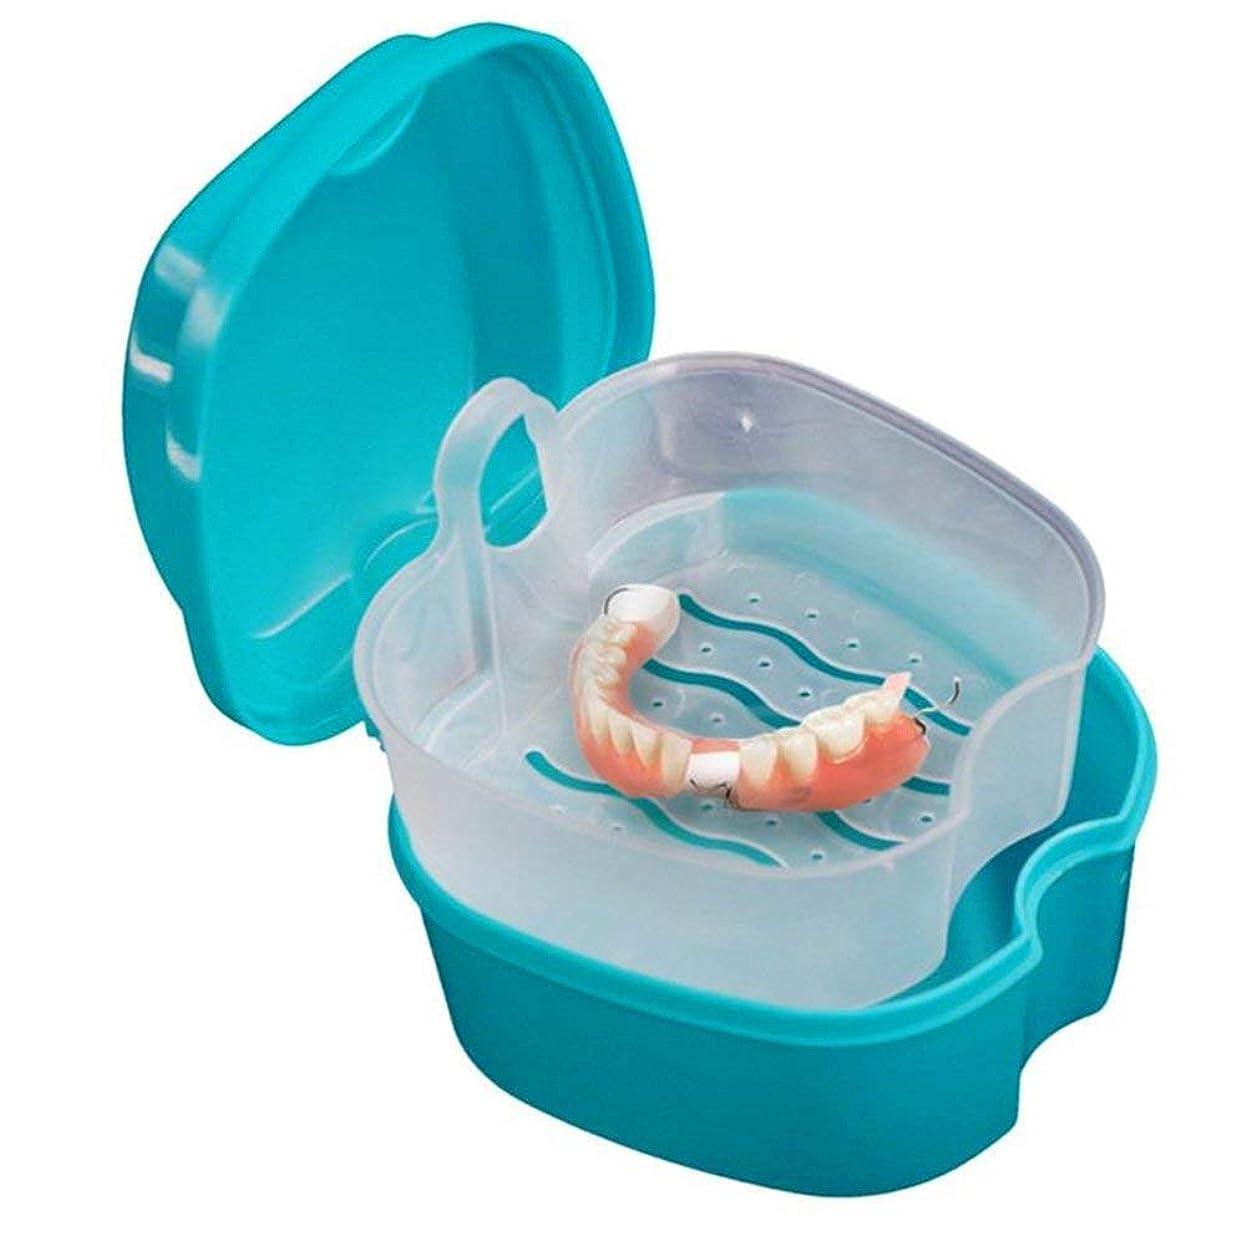 捧げるのれんもしCoiTek 入れ歯ケース 義歯ケース 携帯 家庭旅行用 ストレーナー付き ブルー